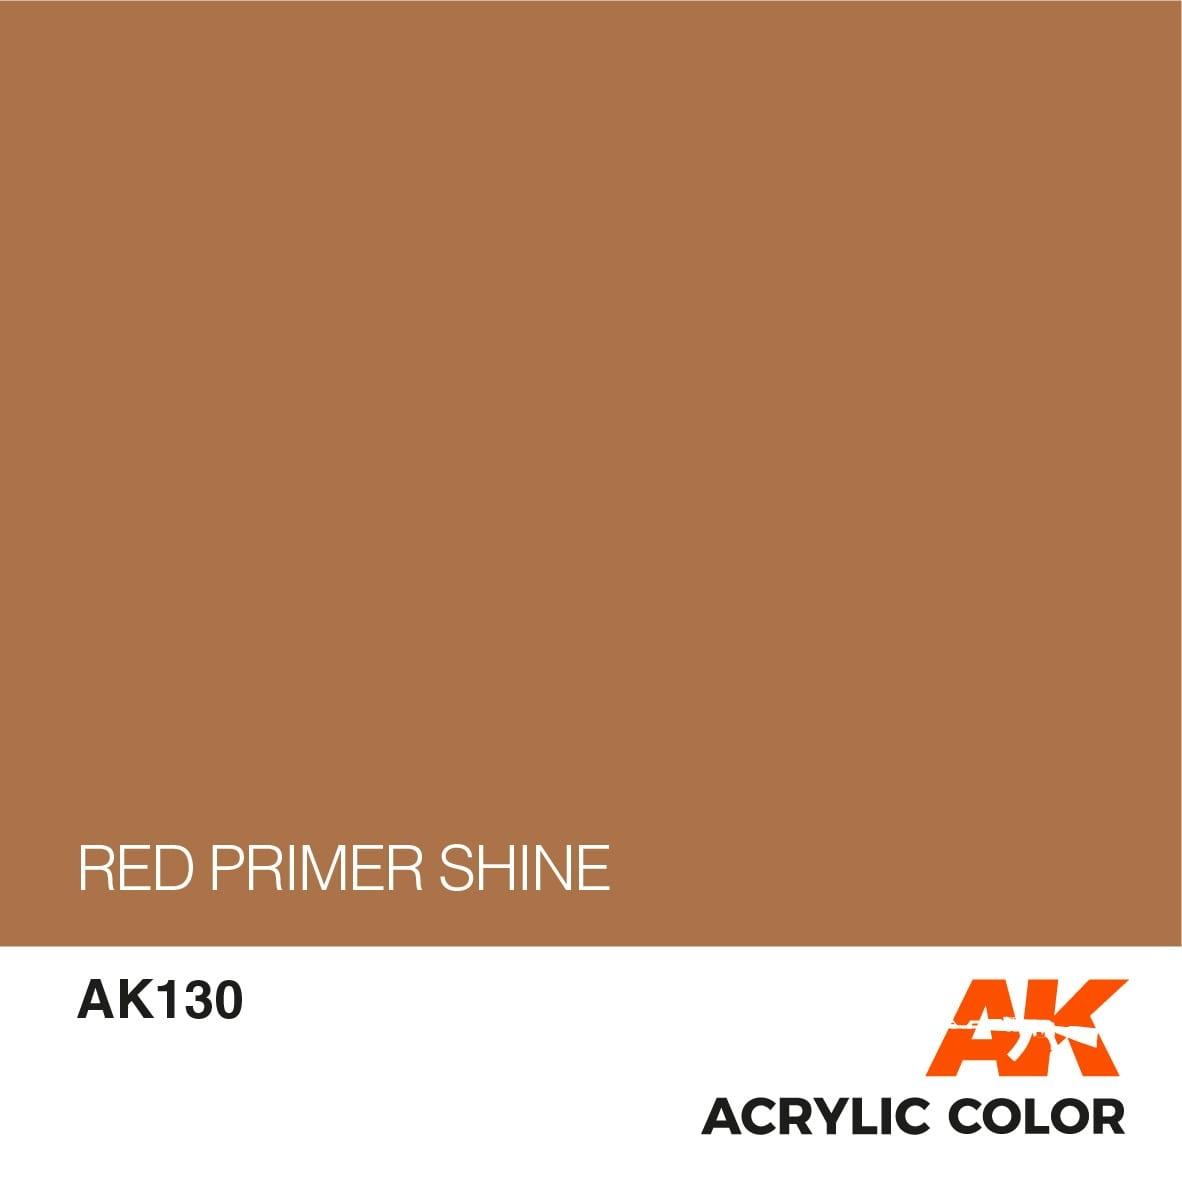 AK-Interactive Red Primer Shine - 17ml - AK-Interactive - AK-130